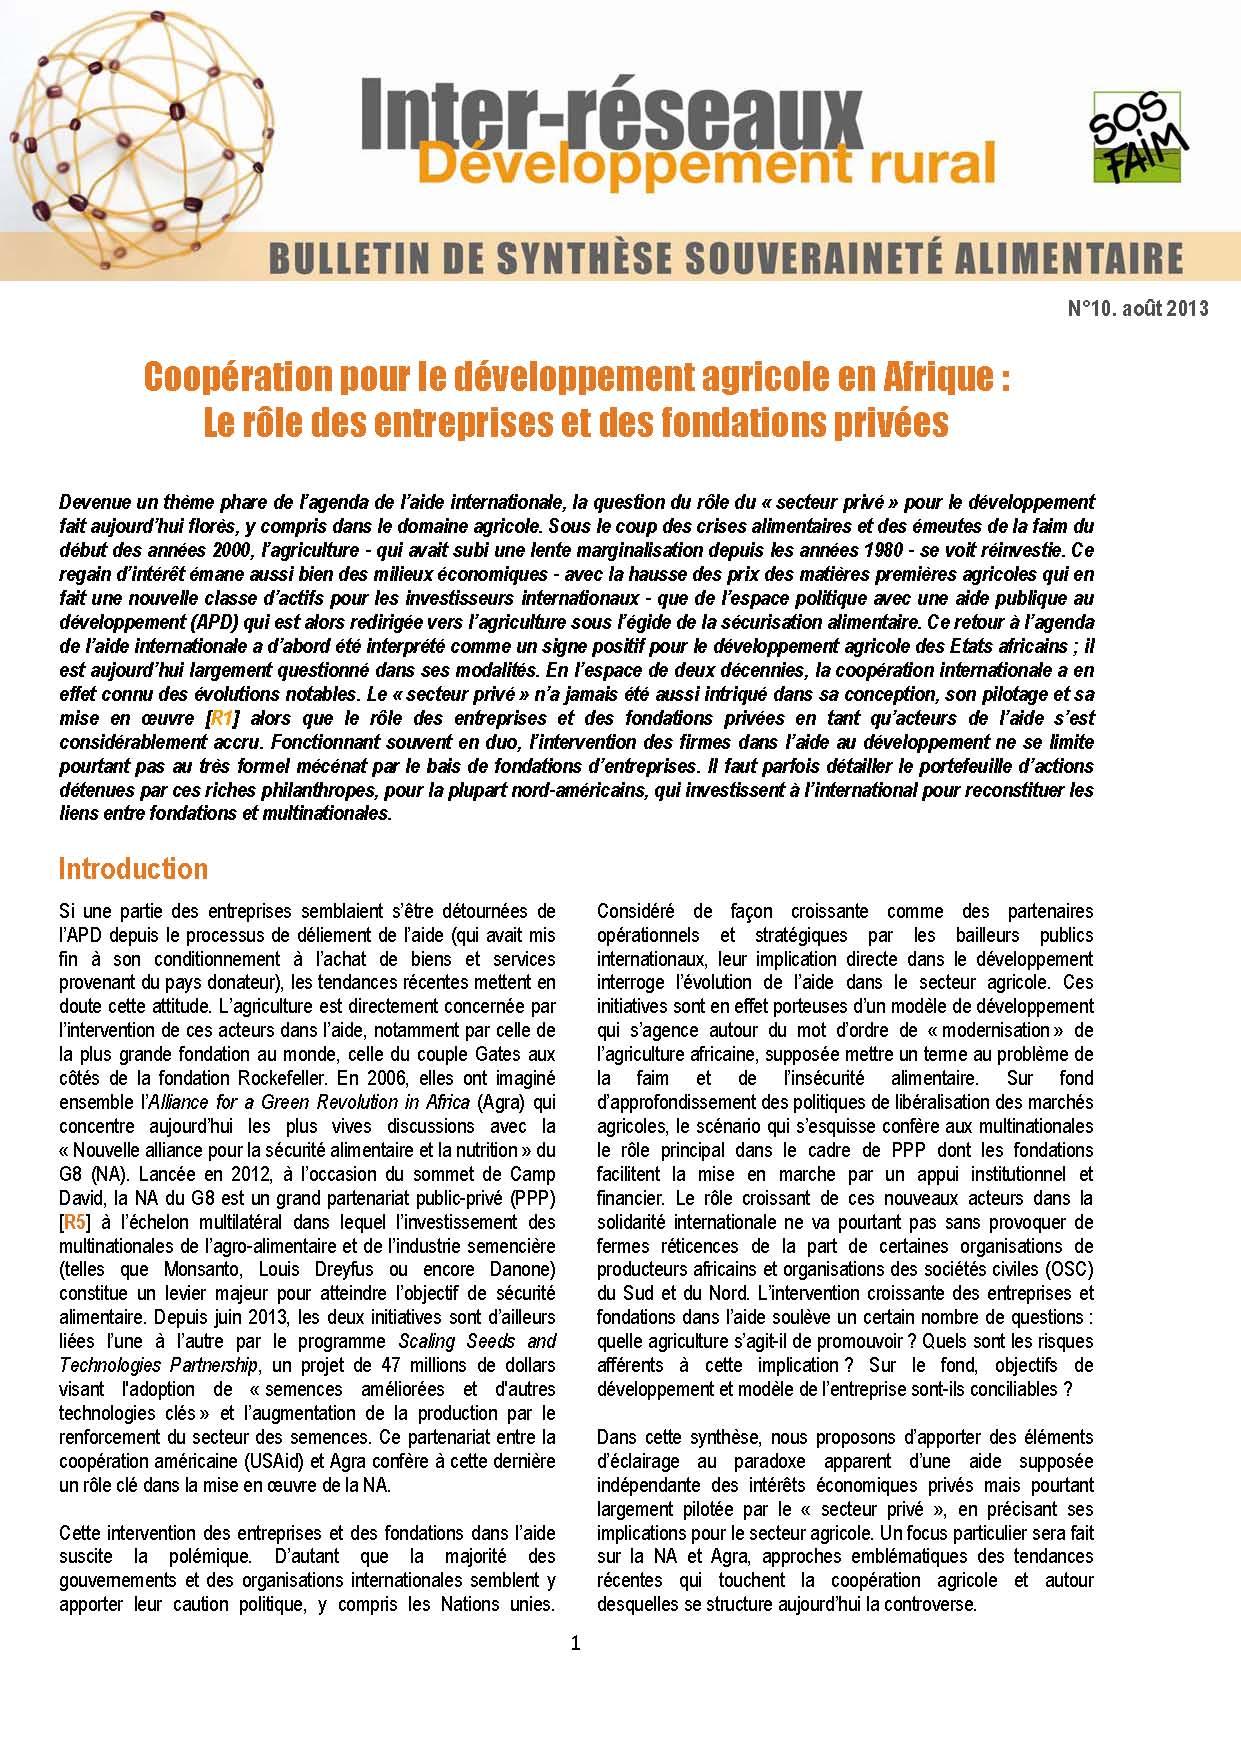 Bulletin de synthèse n°10 - Coopération pour le développement agricole en Afrique : Le rôle des entreprises et des fondations privées